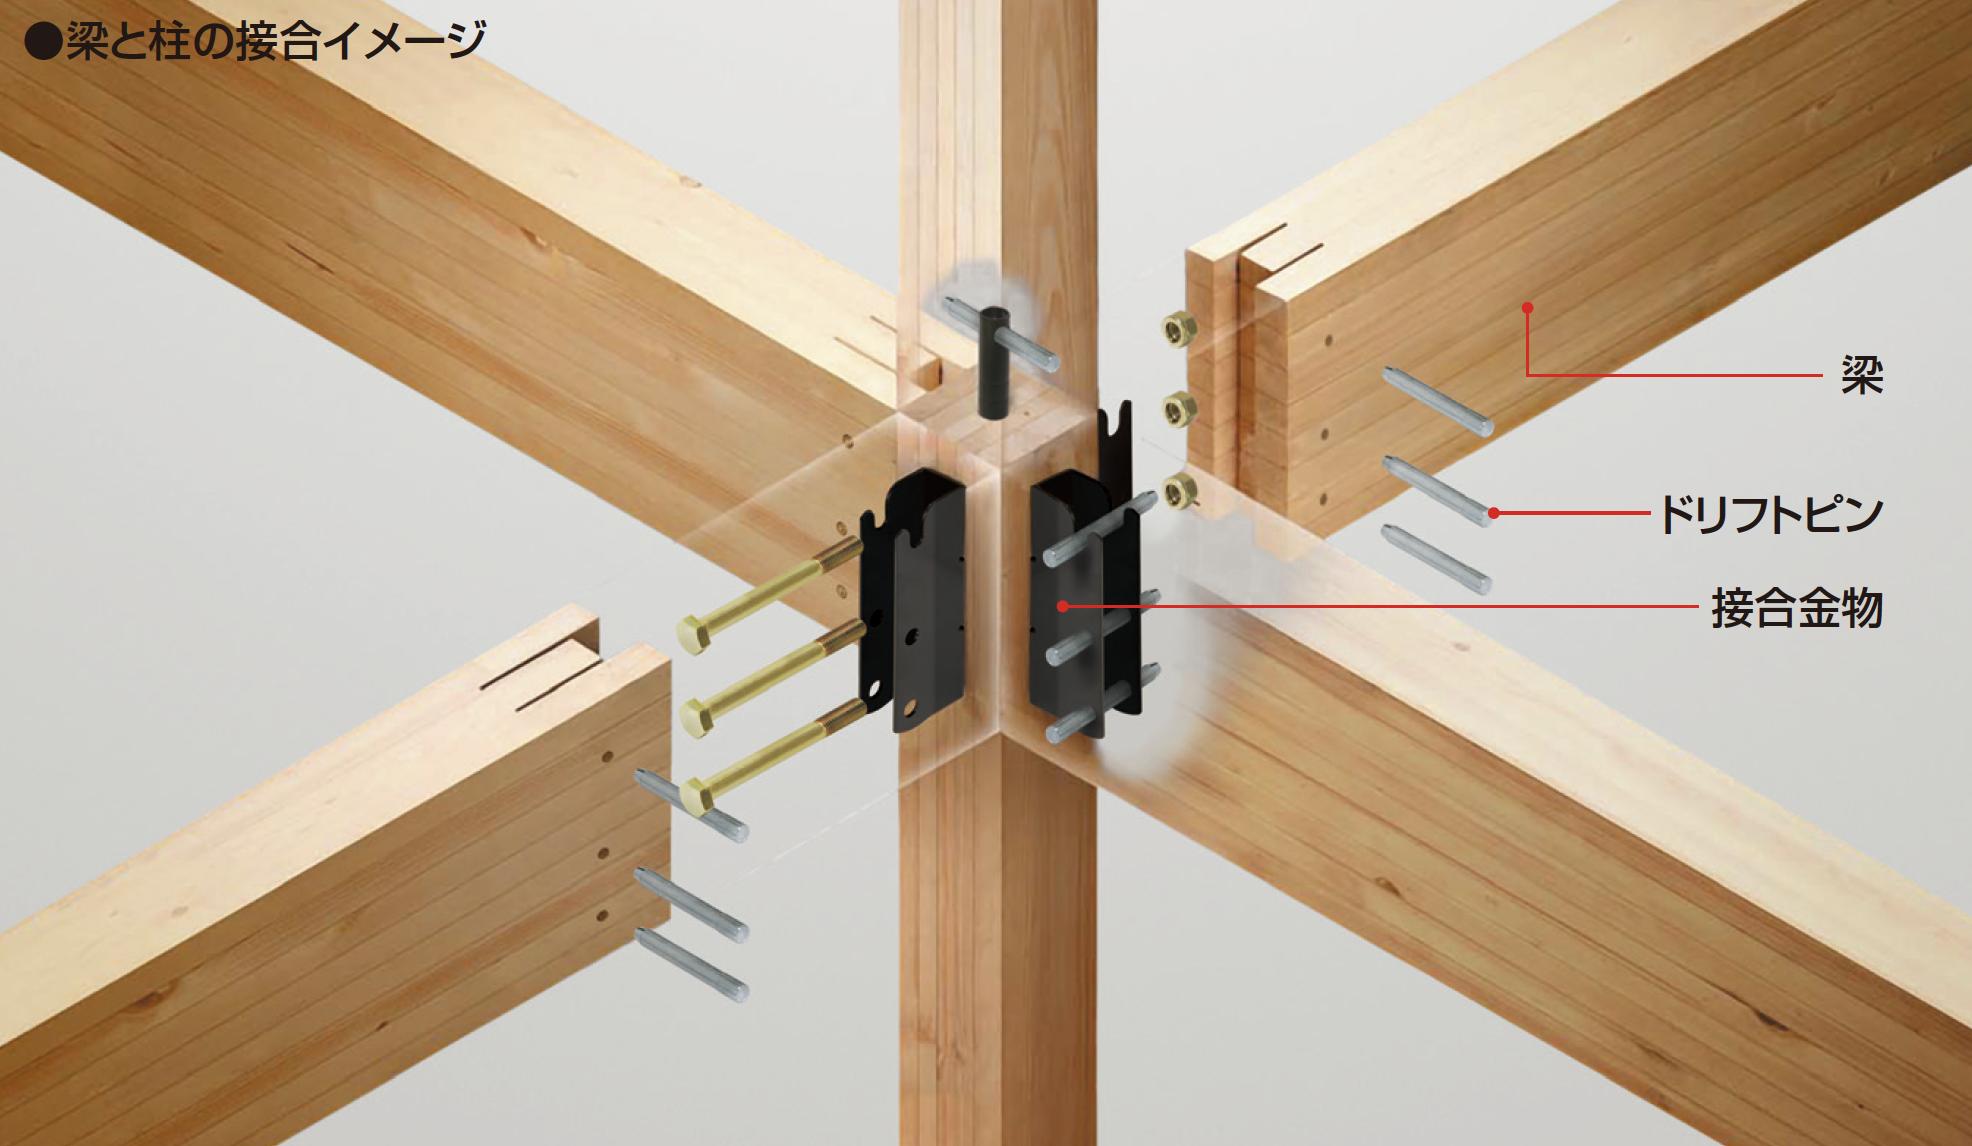 梁と柱の接合